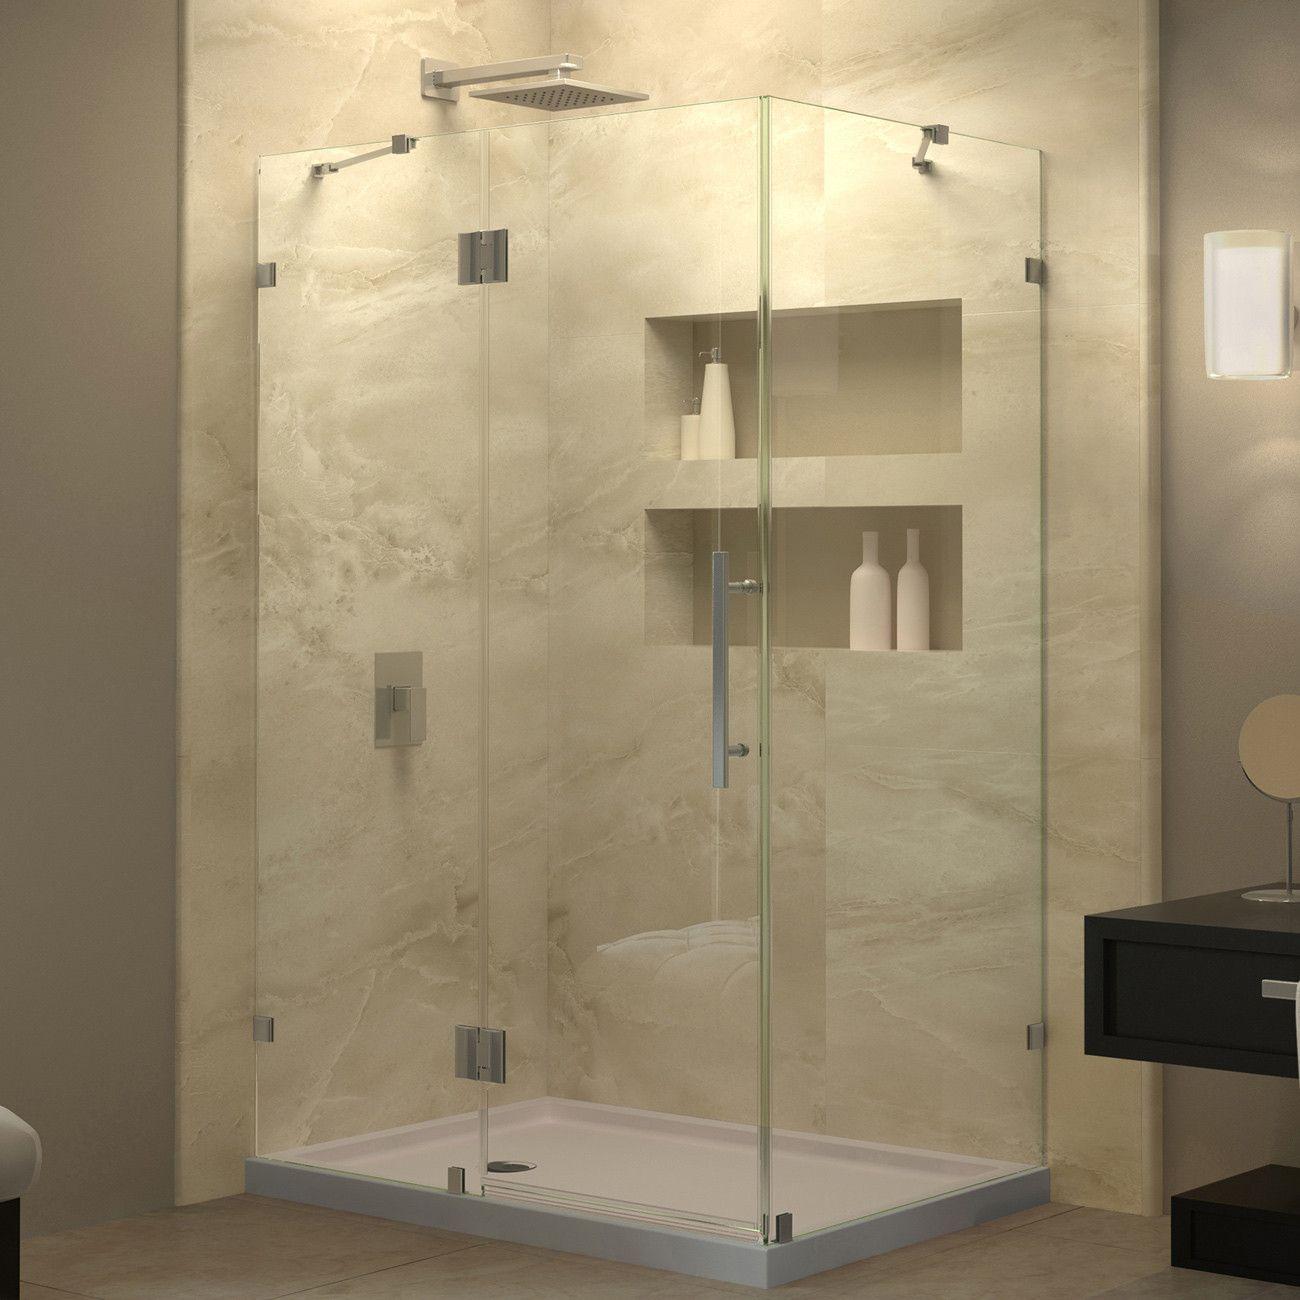 dreamline shen-1334340-04 quatralux 34 5/16 | badezimmer und wohnen, Badezimmer ideen